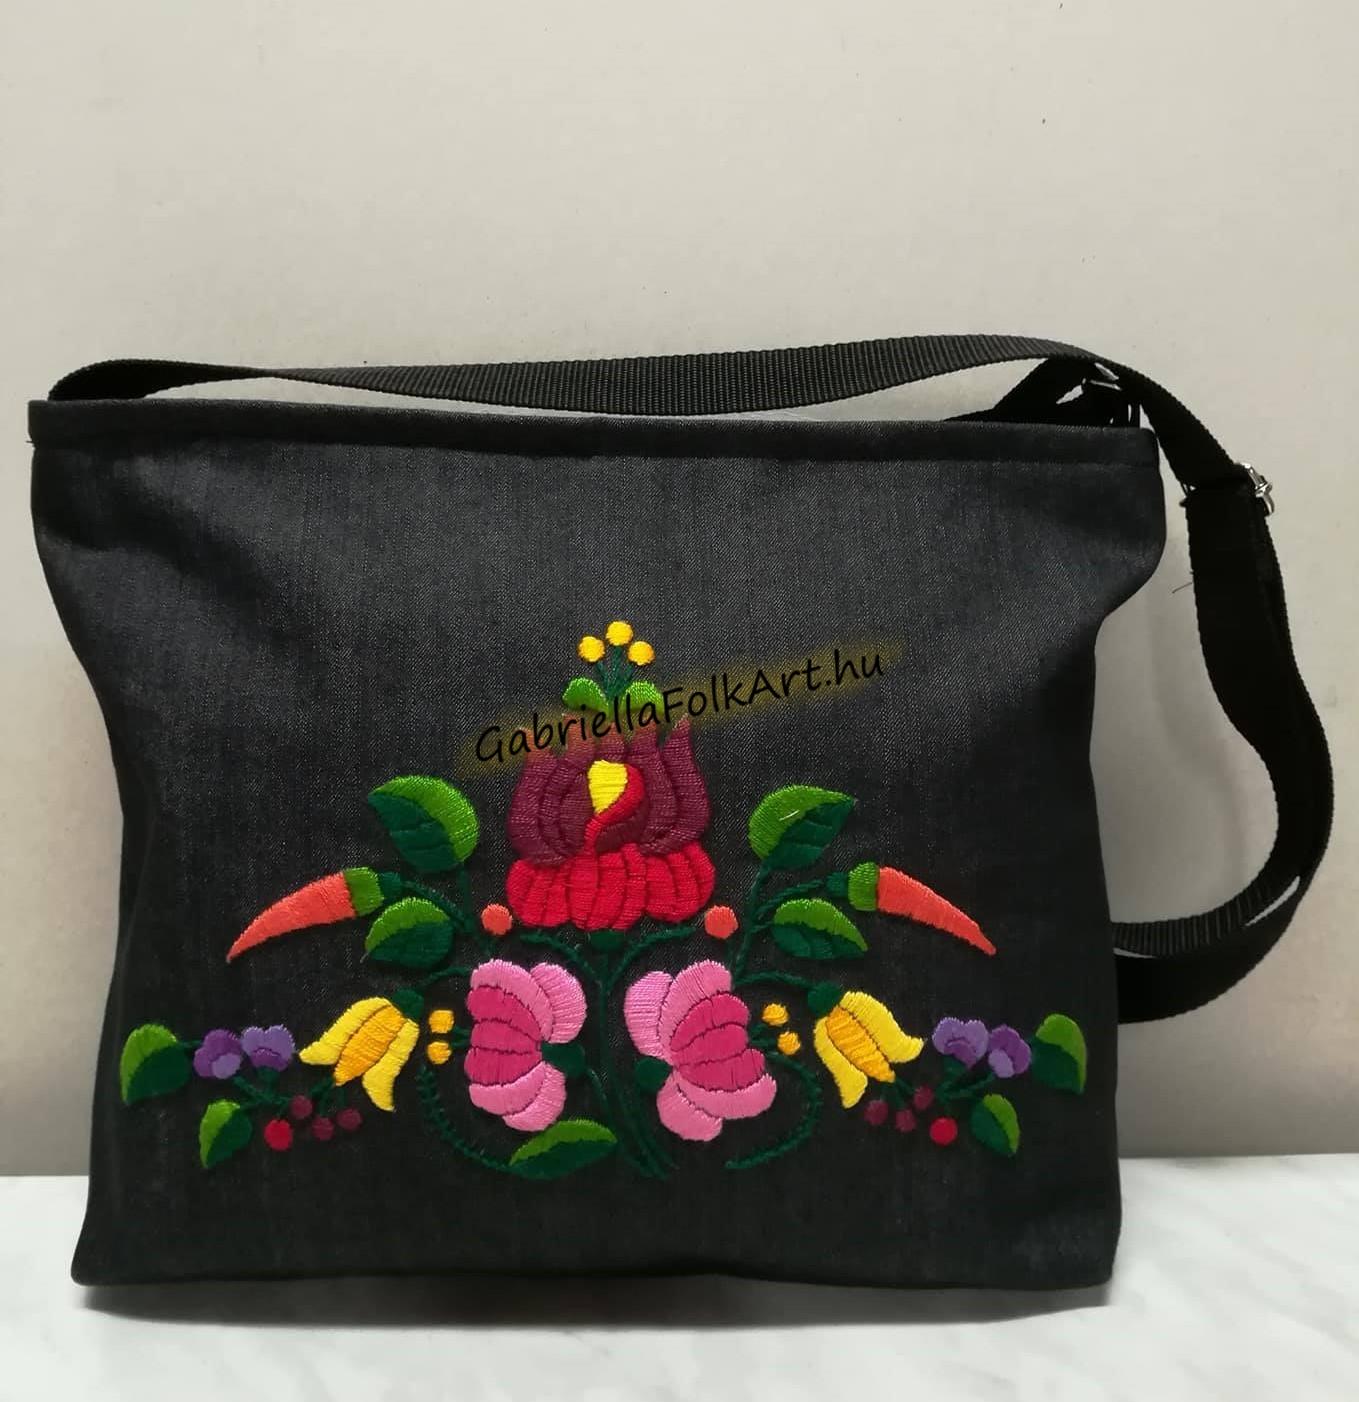 f5aa80d6d03c Kalocsai kézzel hímzett | Kézzel hímzett női táskák | GabriellaFolkArt